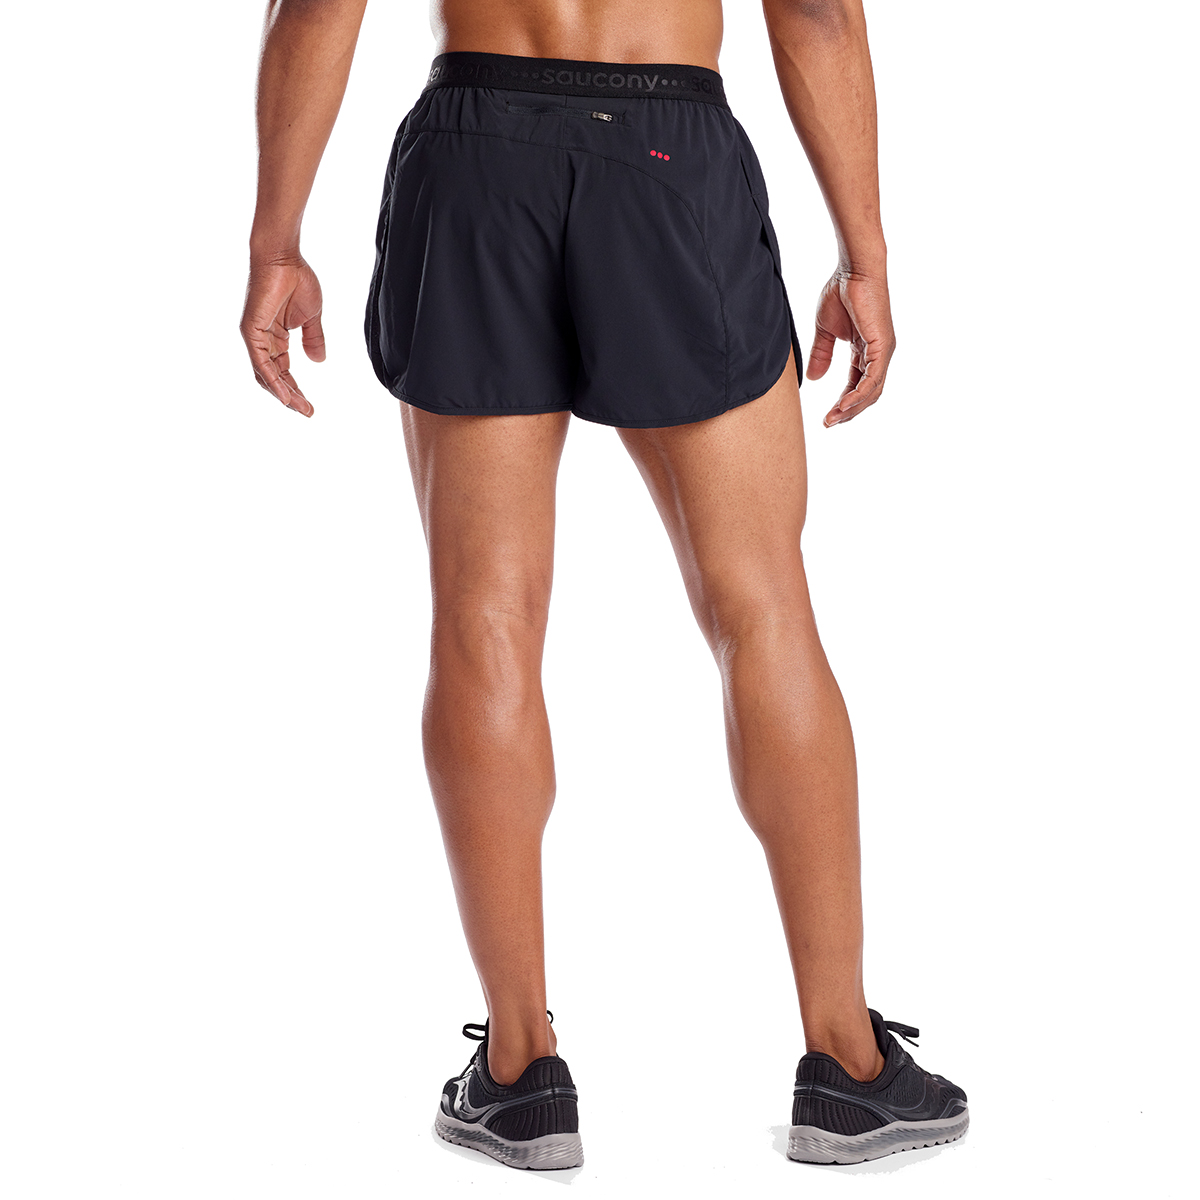 Men's Saucony Split Second 2.5'' Short  - Color: Black - Size: L, Black, large, image 2